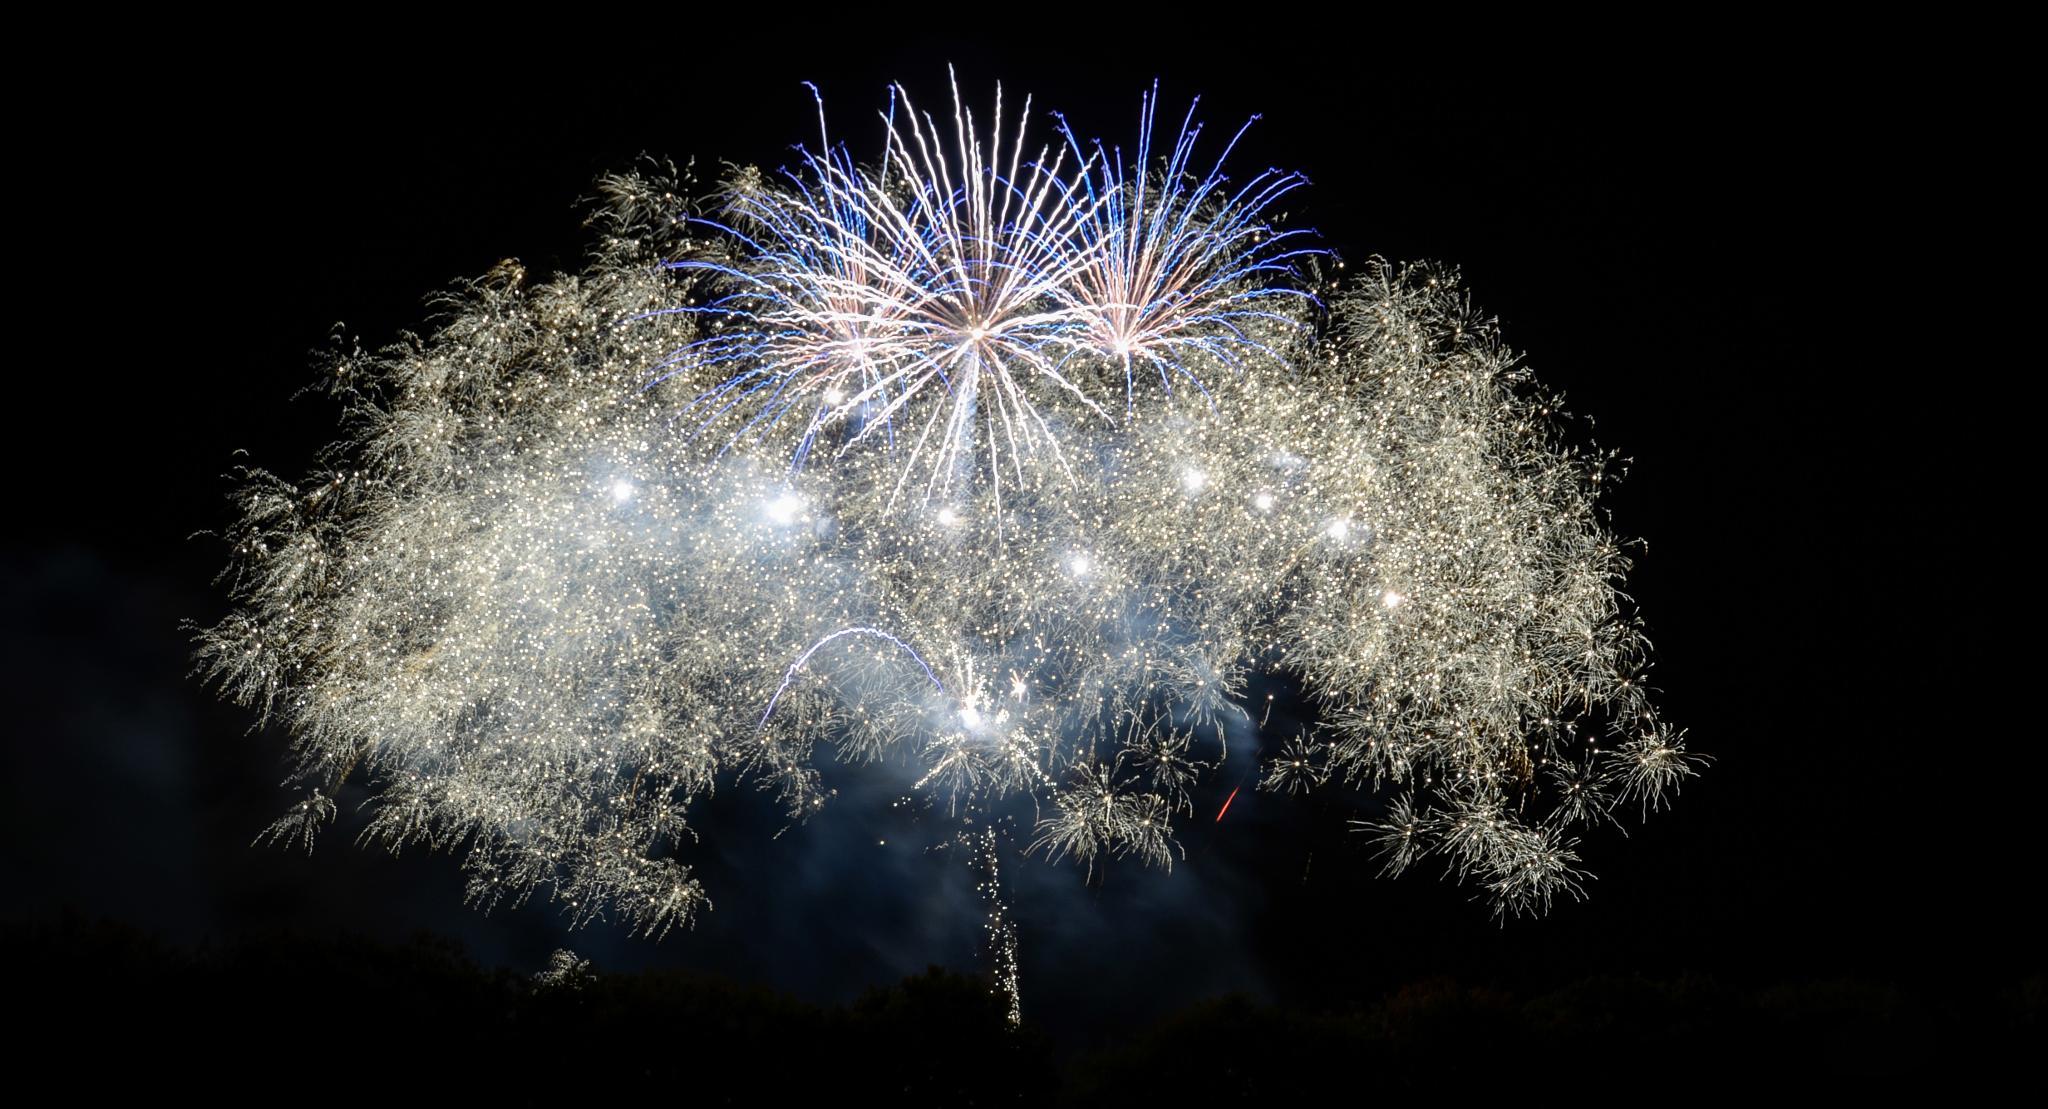 Fireworks  by Antoine Lauret